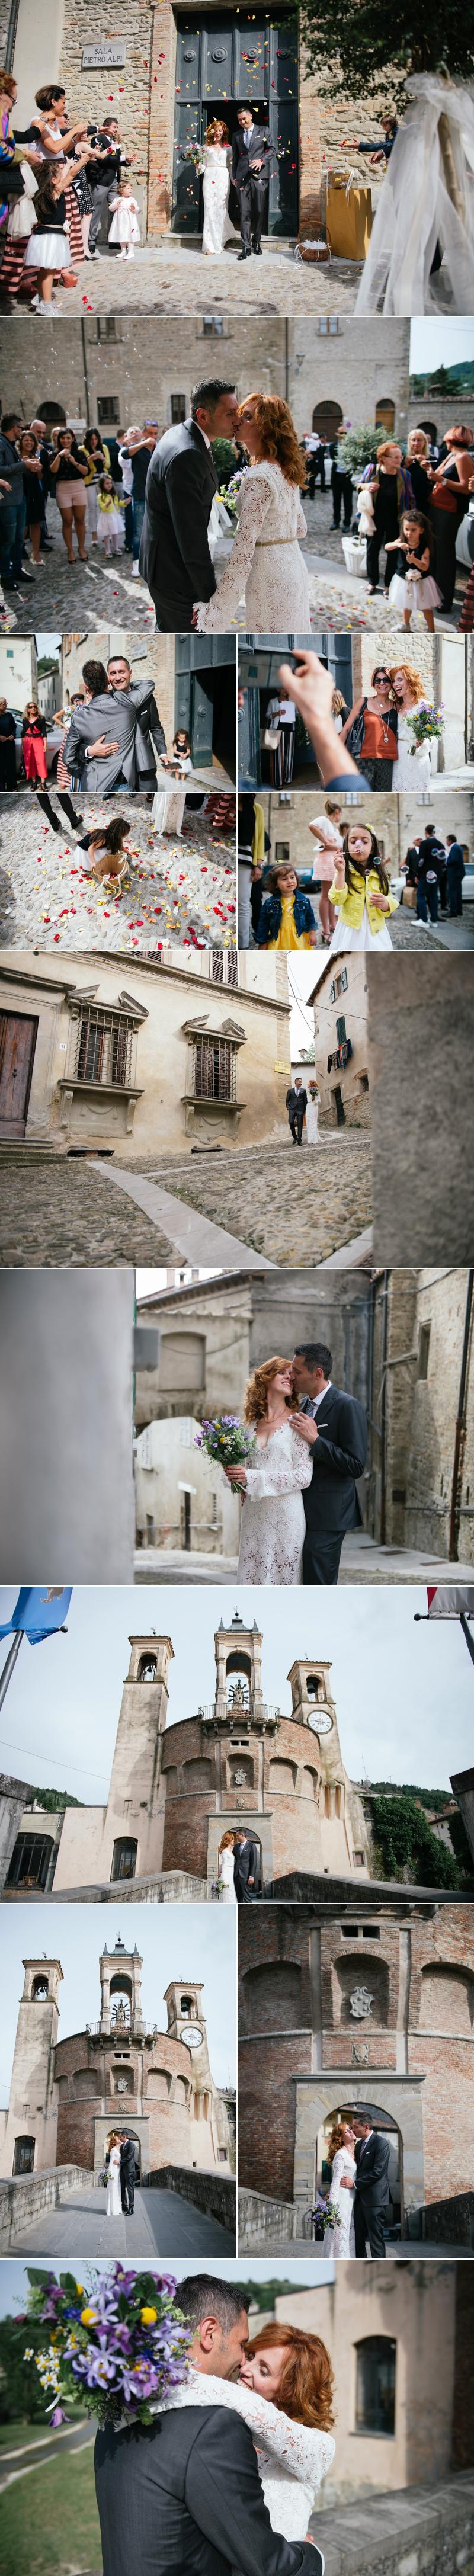 fotografo-matrimonio-chiesa-san-rocco-borghetto-di-brola-modigliana-forli-cesena-bologna-valentina-cavallini 5